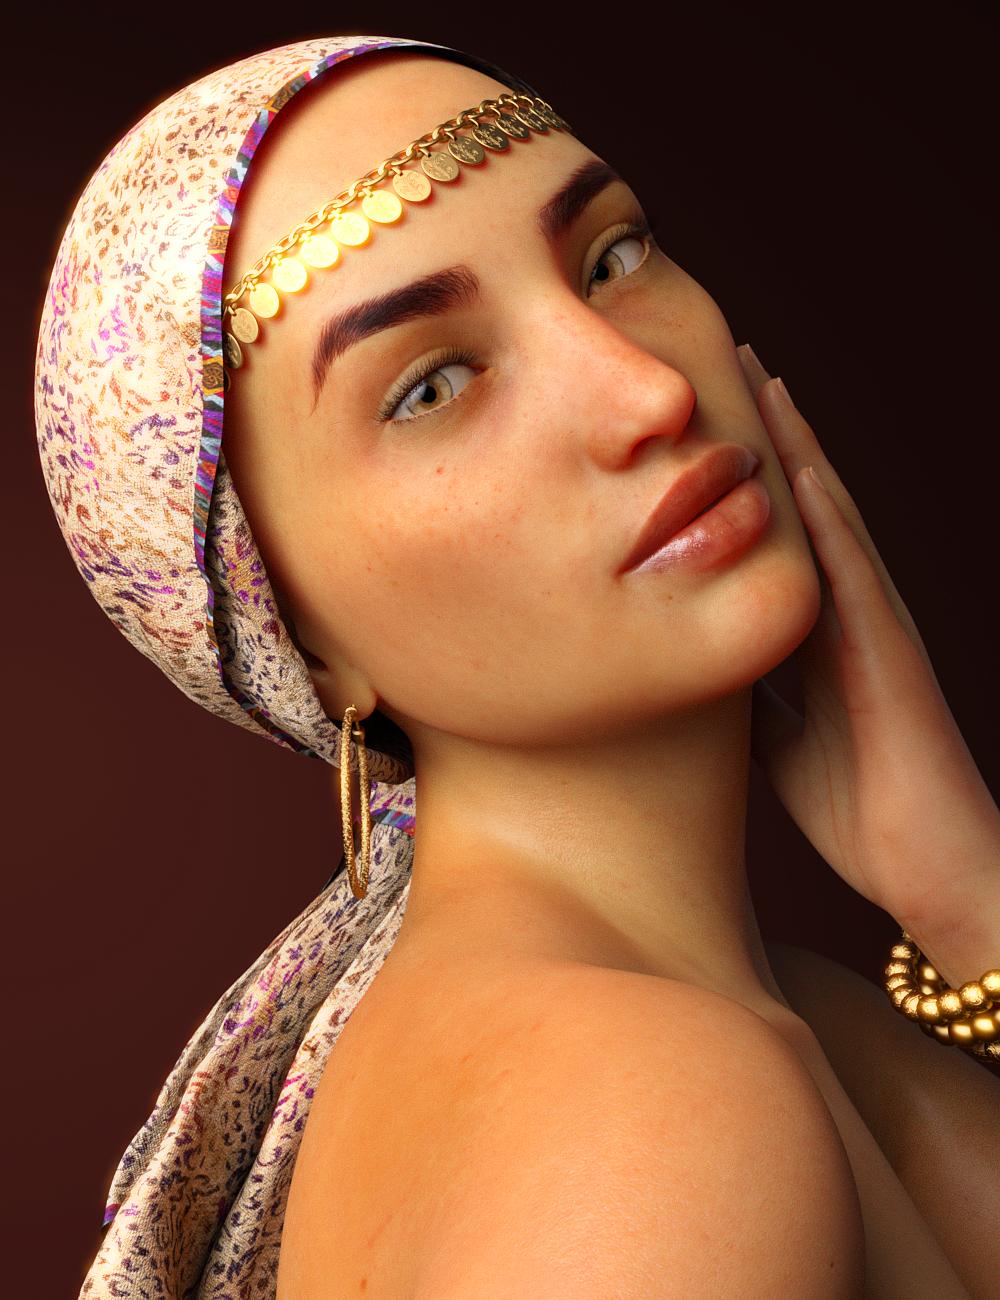 Kayia for Genesis 8 Female by: Toyen, 3D Models by Daz 3D